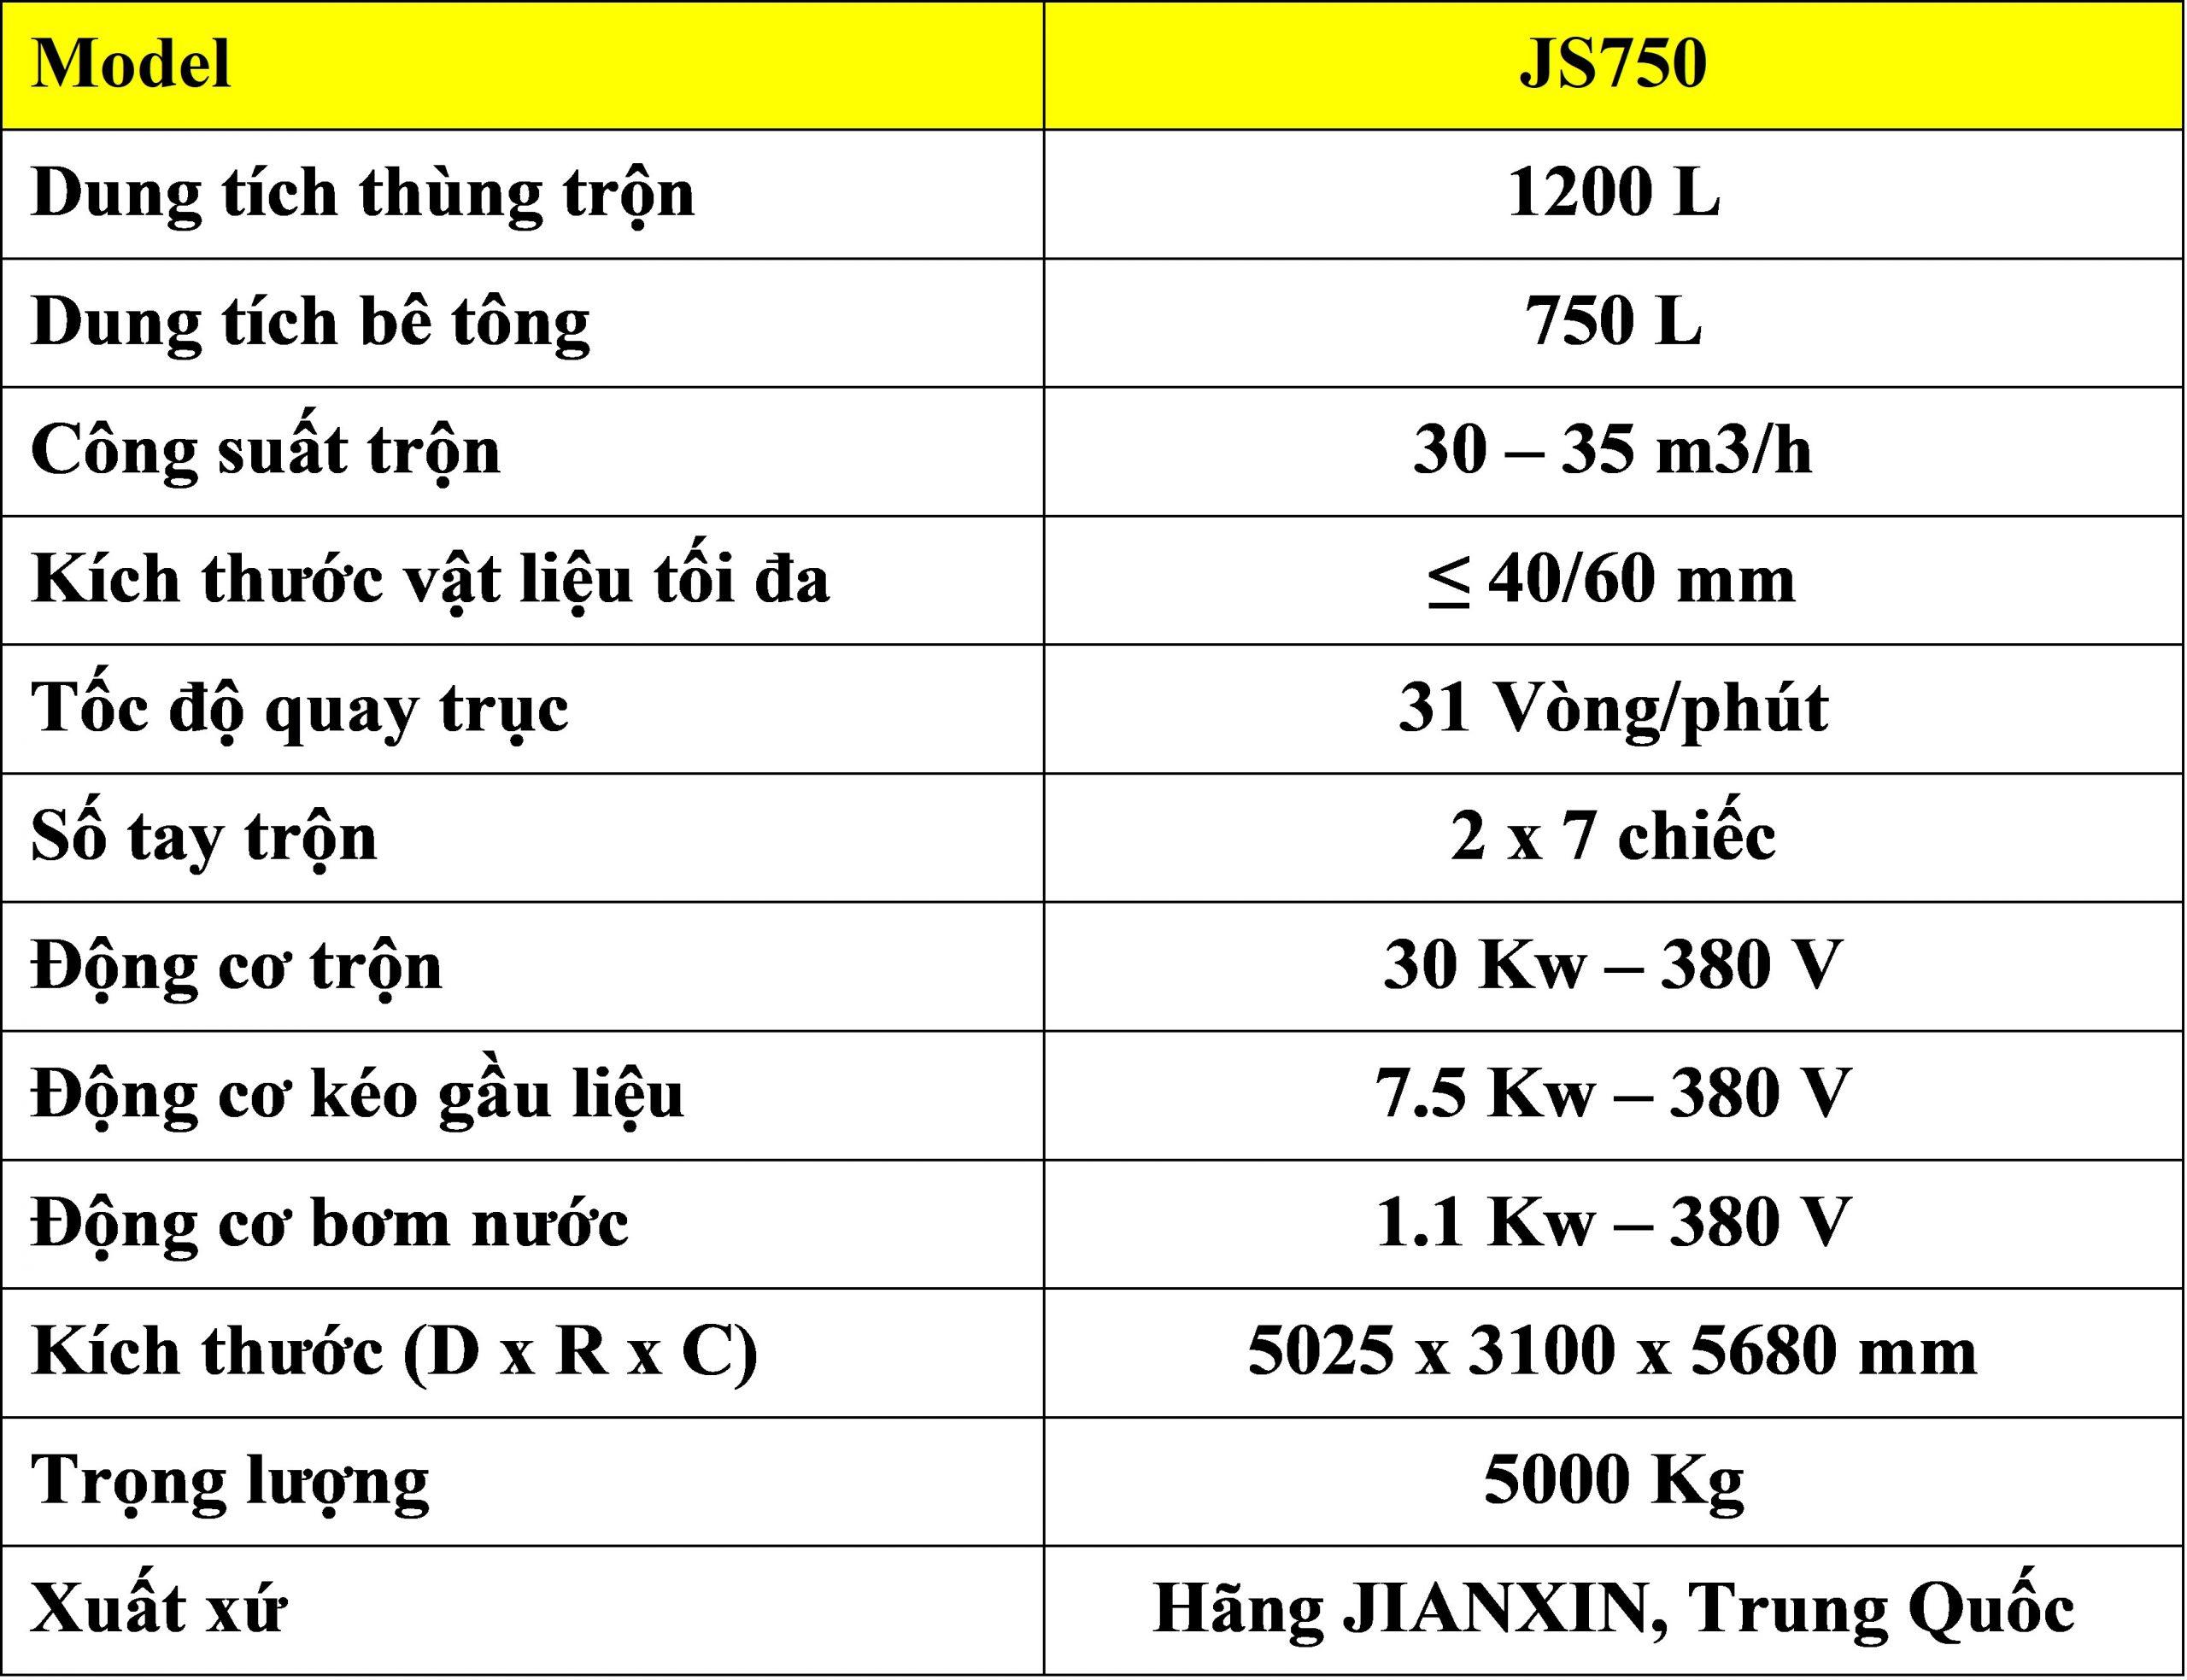 Thông số kỹ thuật: Máy Trộn Bê Tông JS750